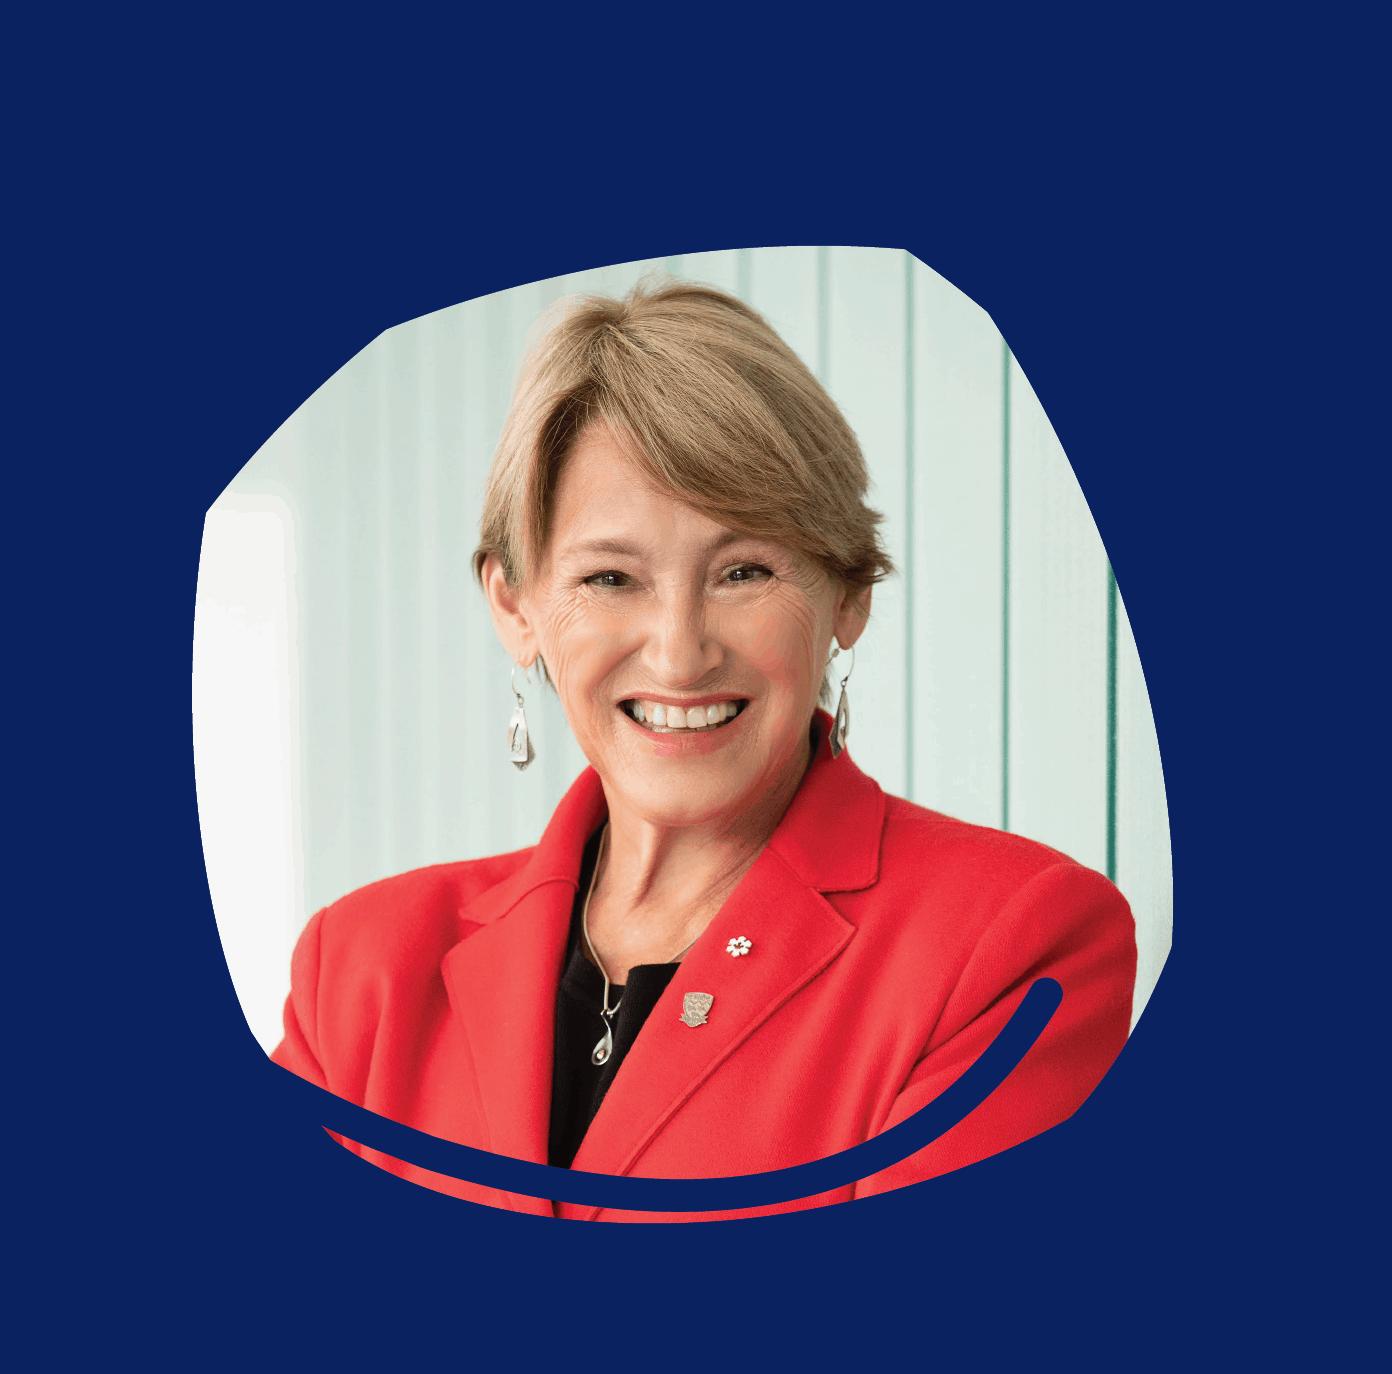 Suzanne Fortier, Principal & Vice-Chancellor, McGill University